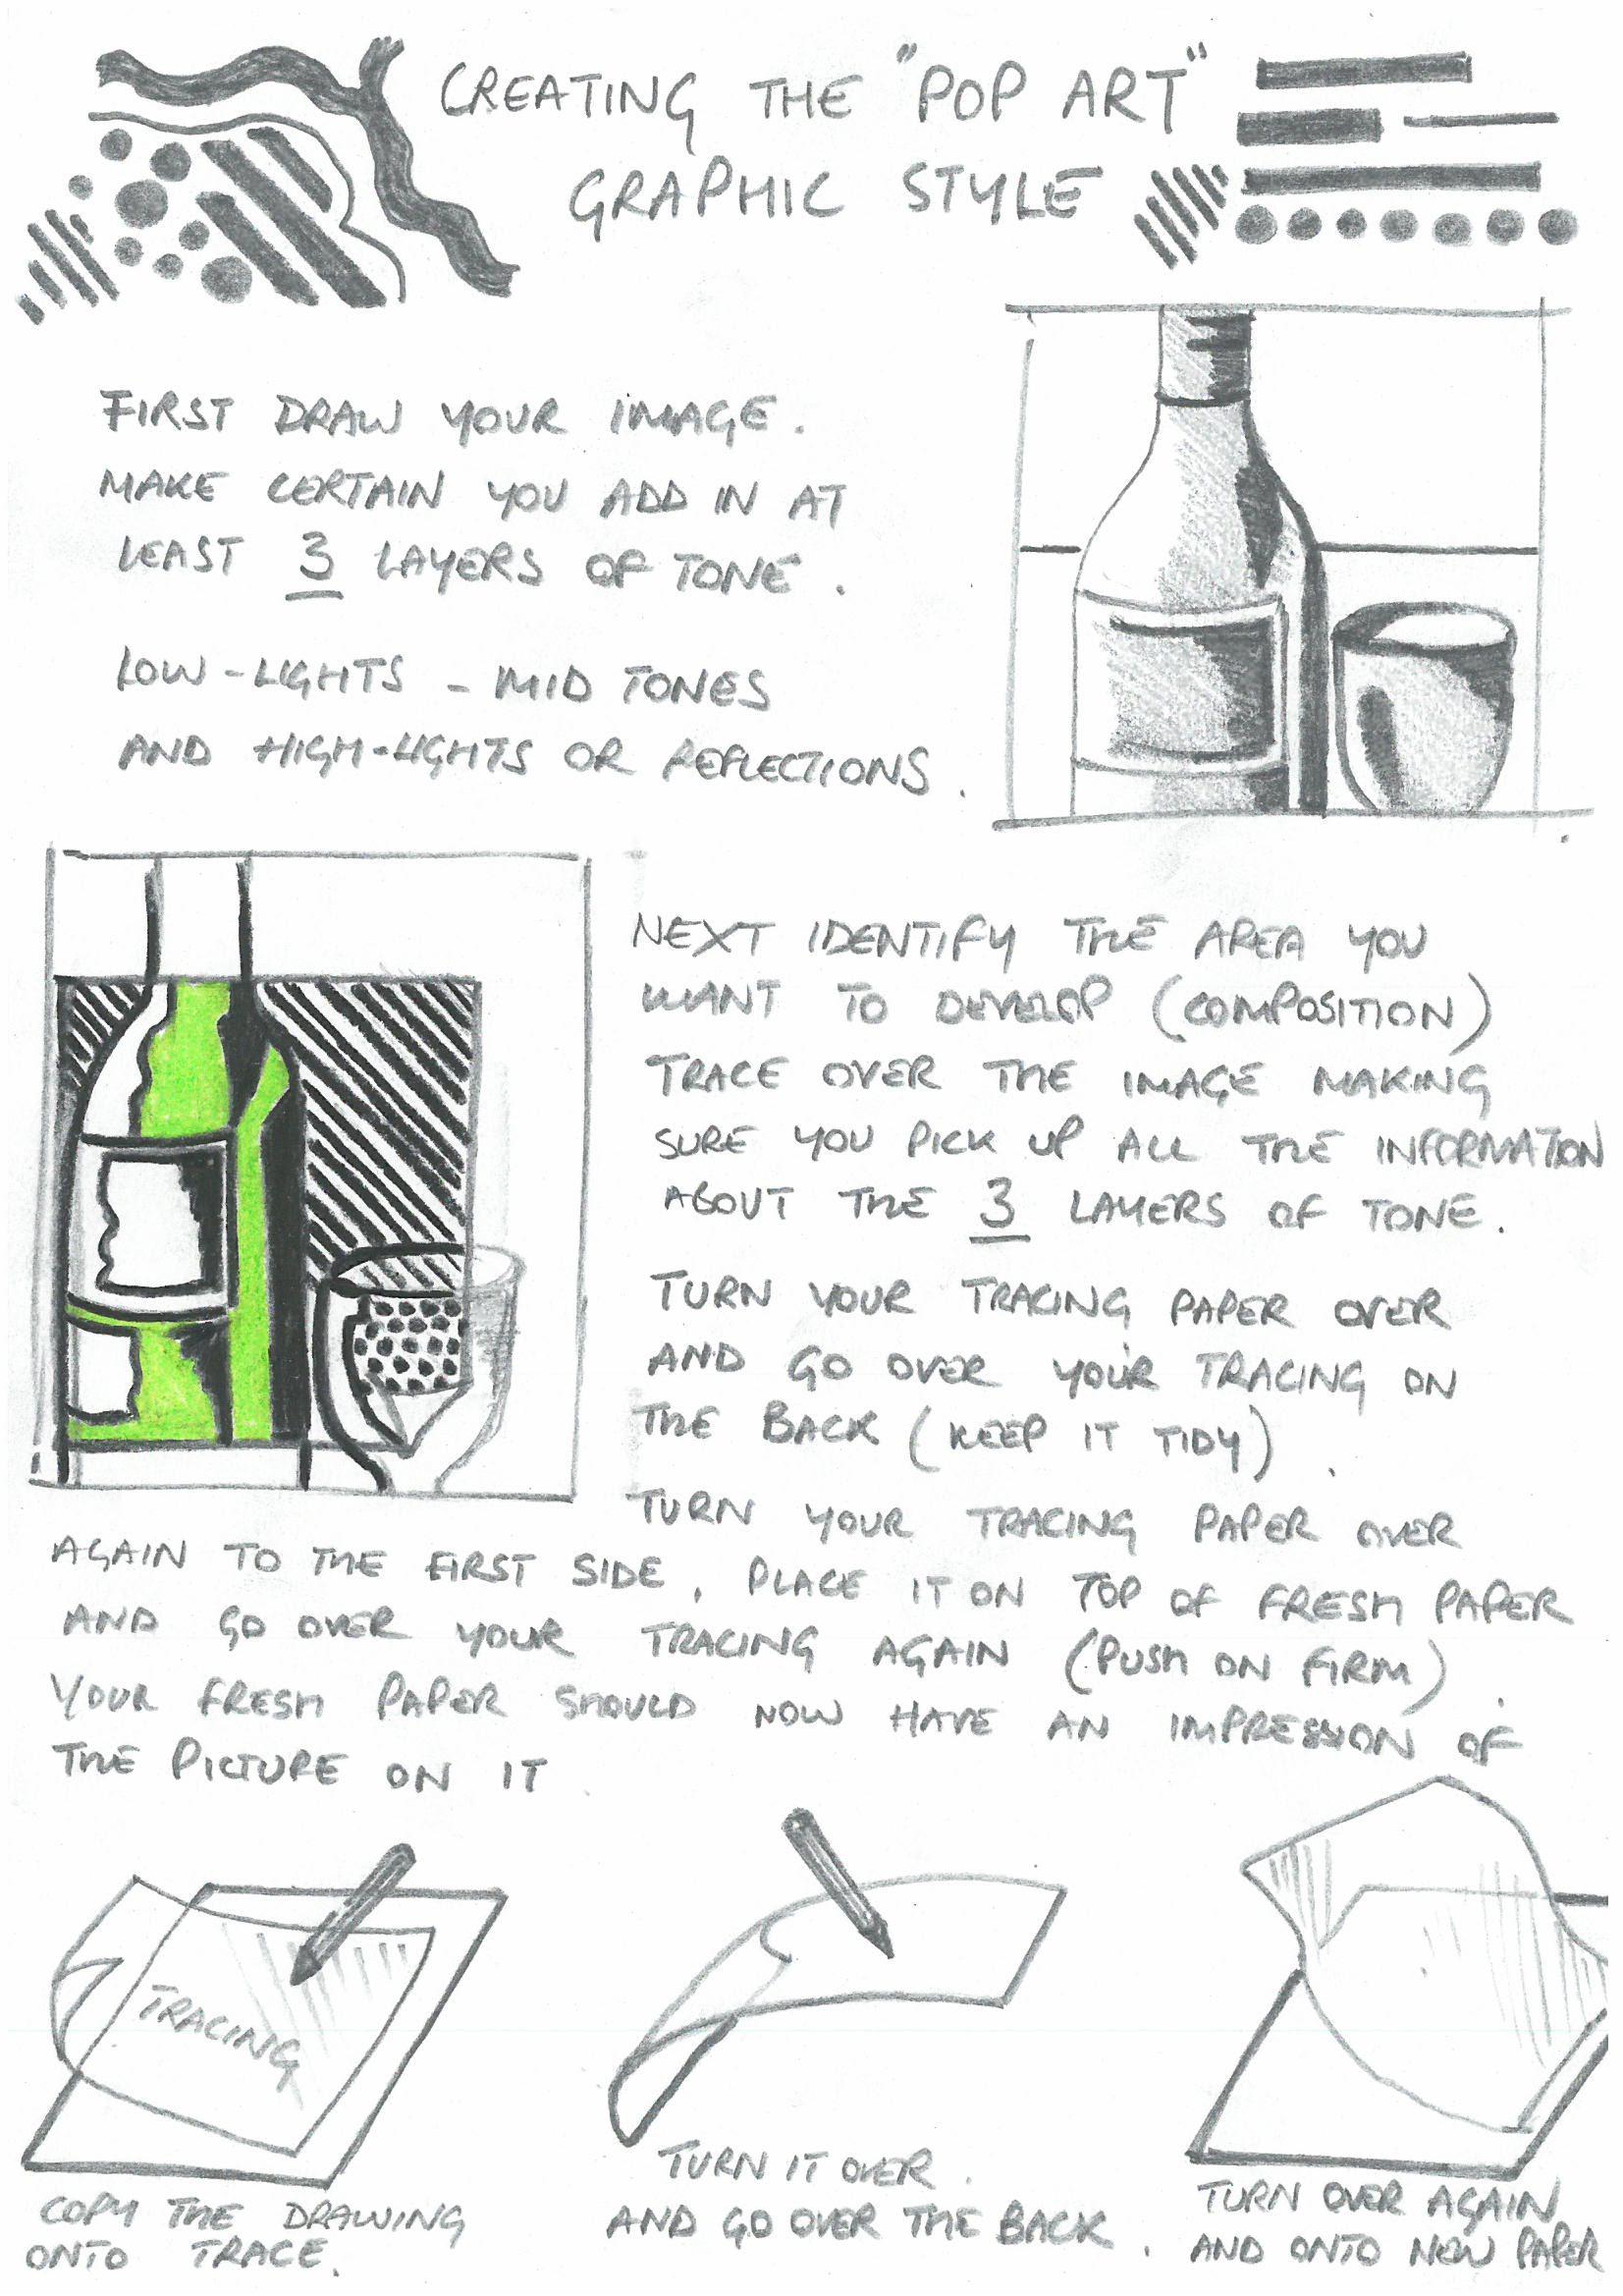 Pop Art Style Help Sheet 1